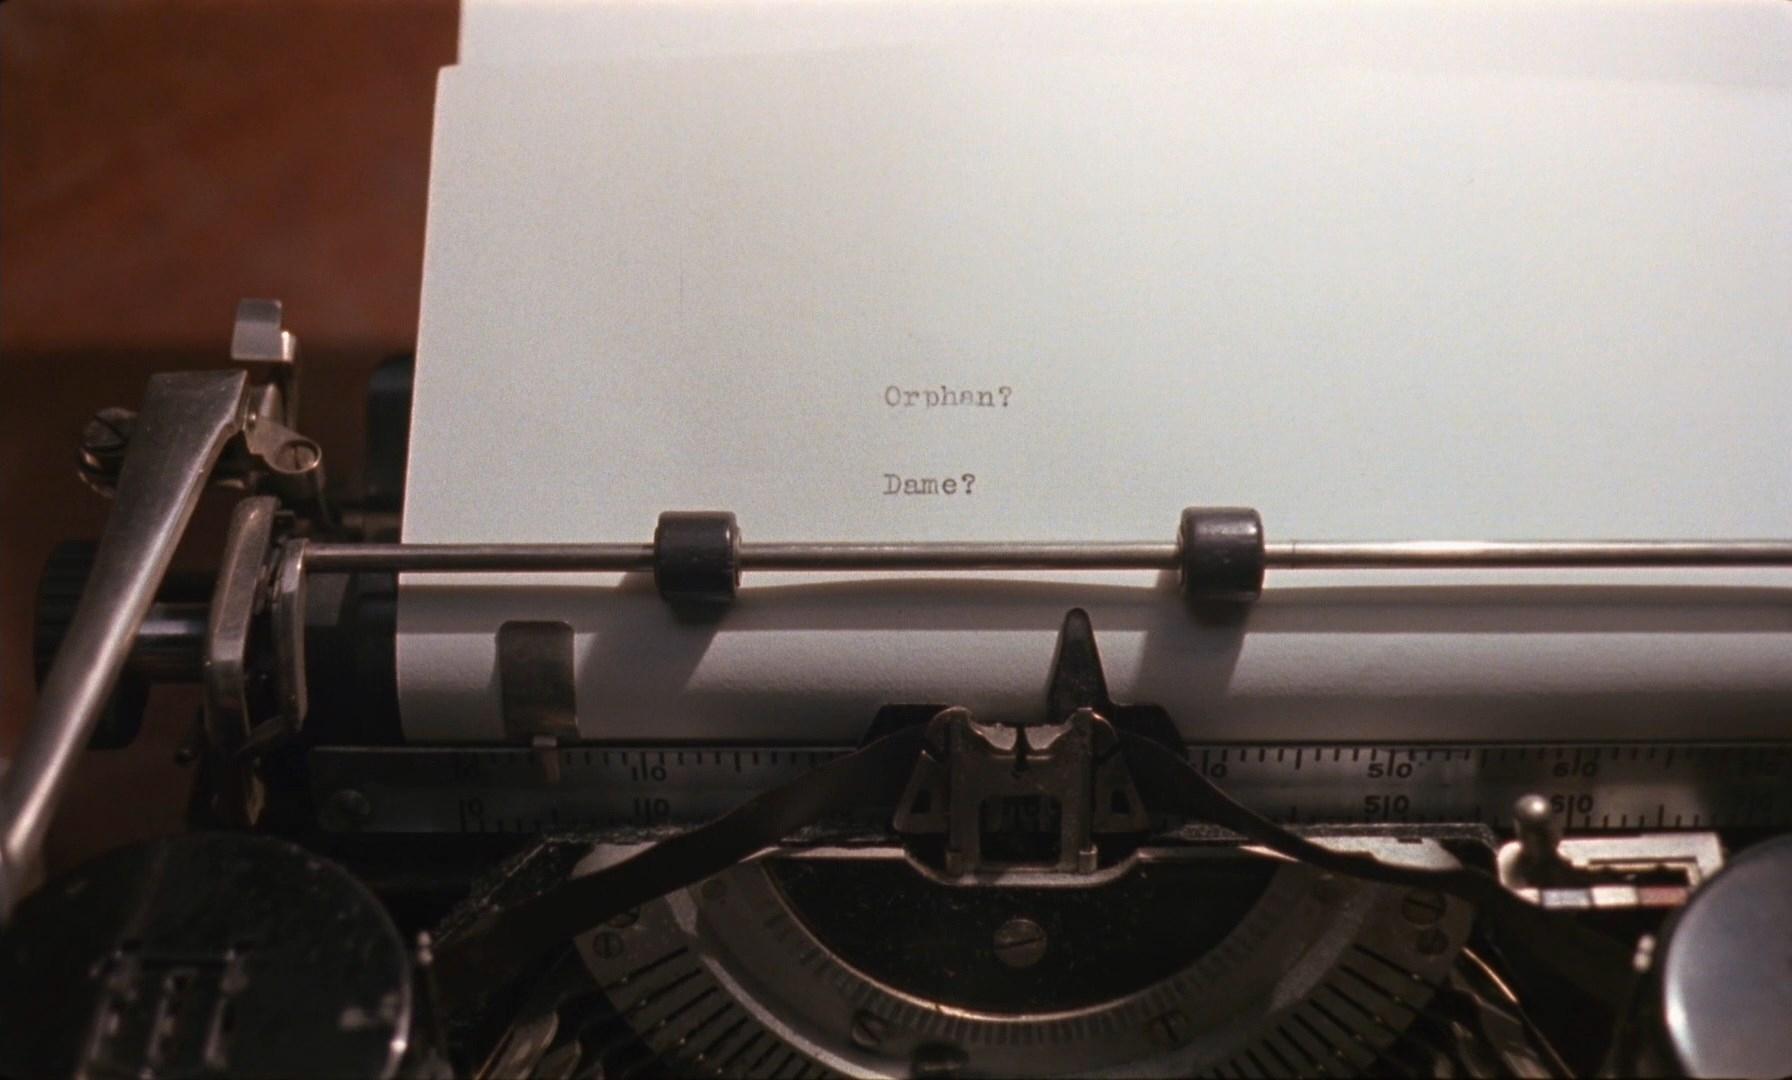 Barton Fink - Typewriter